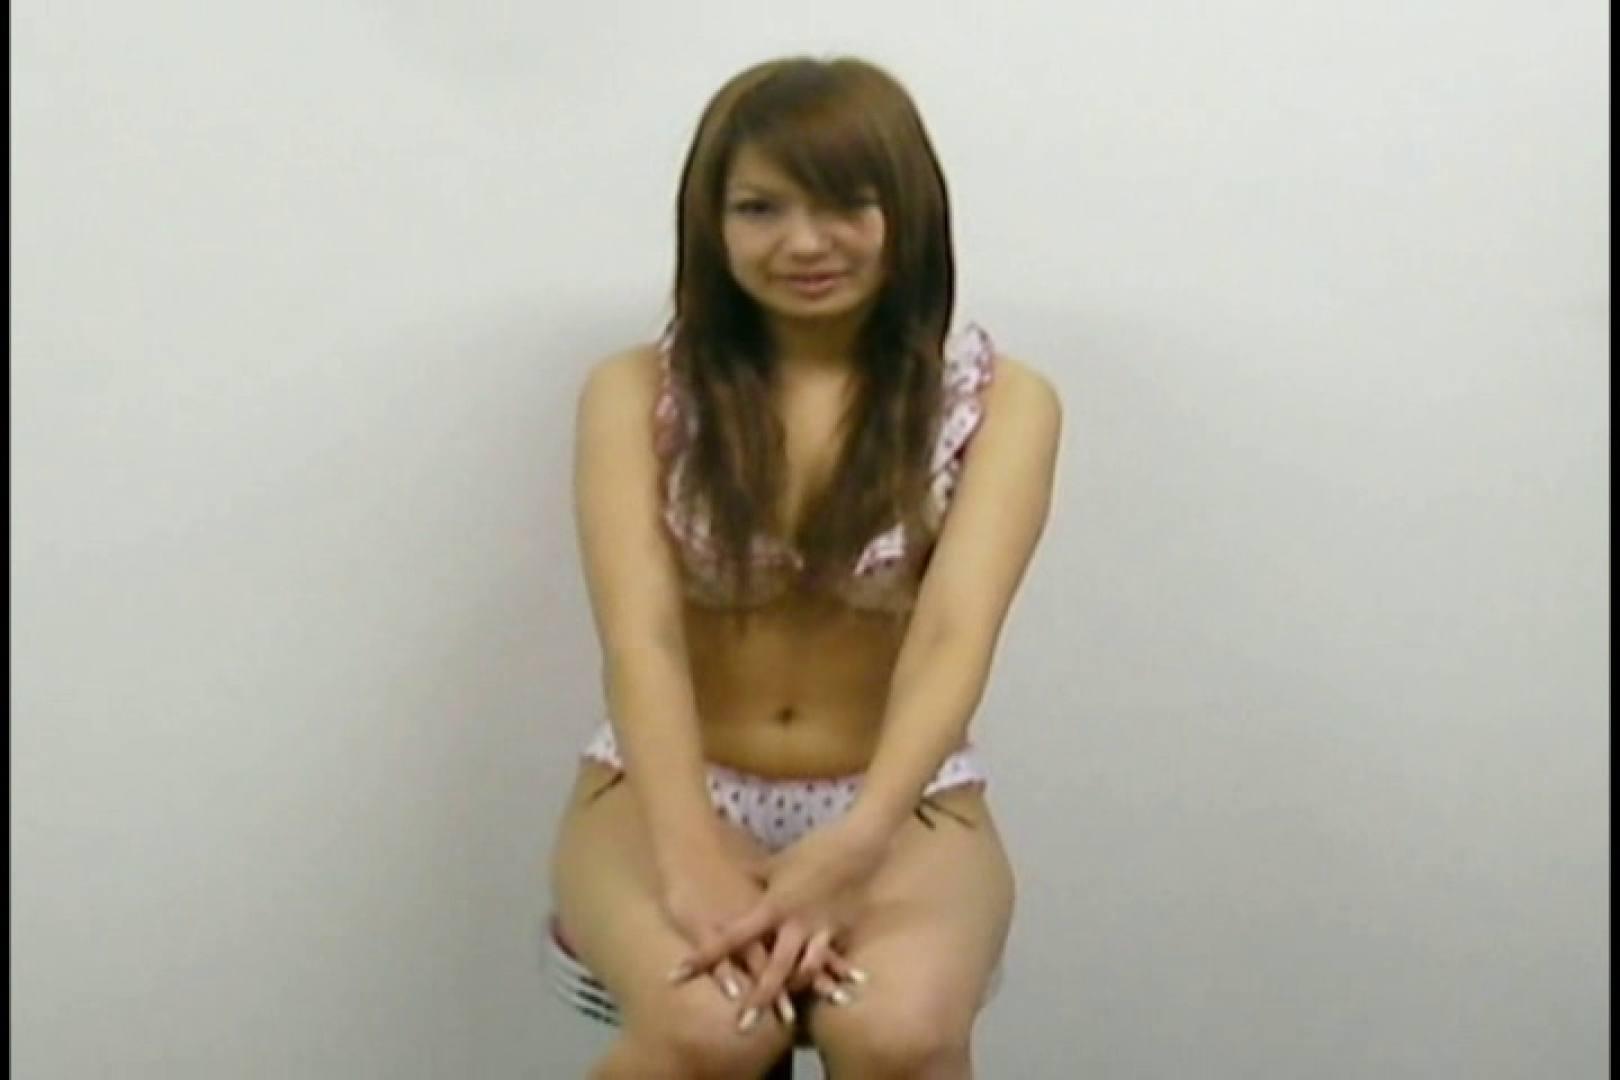 素人撮影 下着だけの撮影のはずが・・・ ゆな20歳 超エロお姉さん われめAV動画紹介 59枚 13